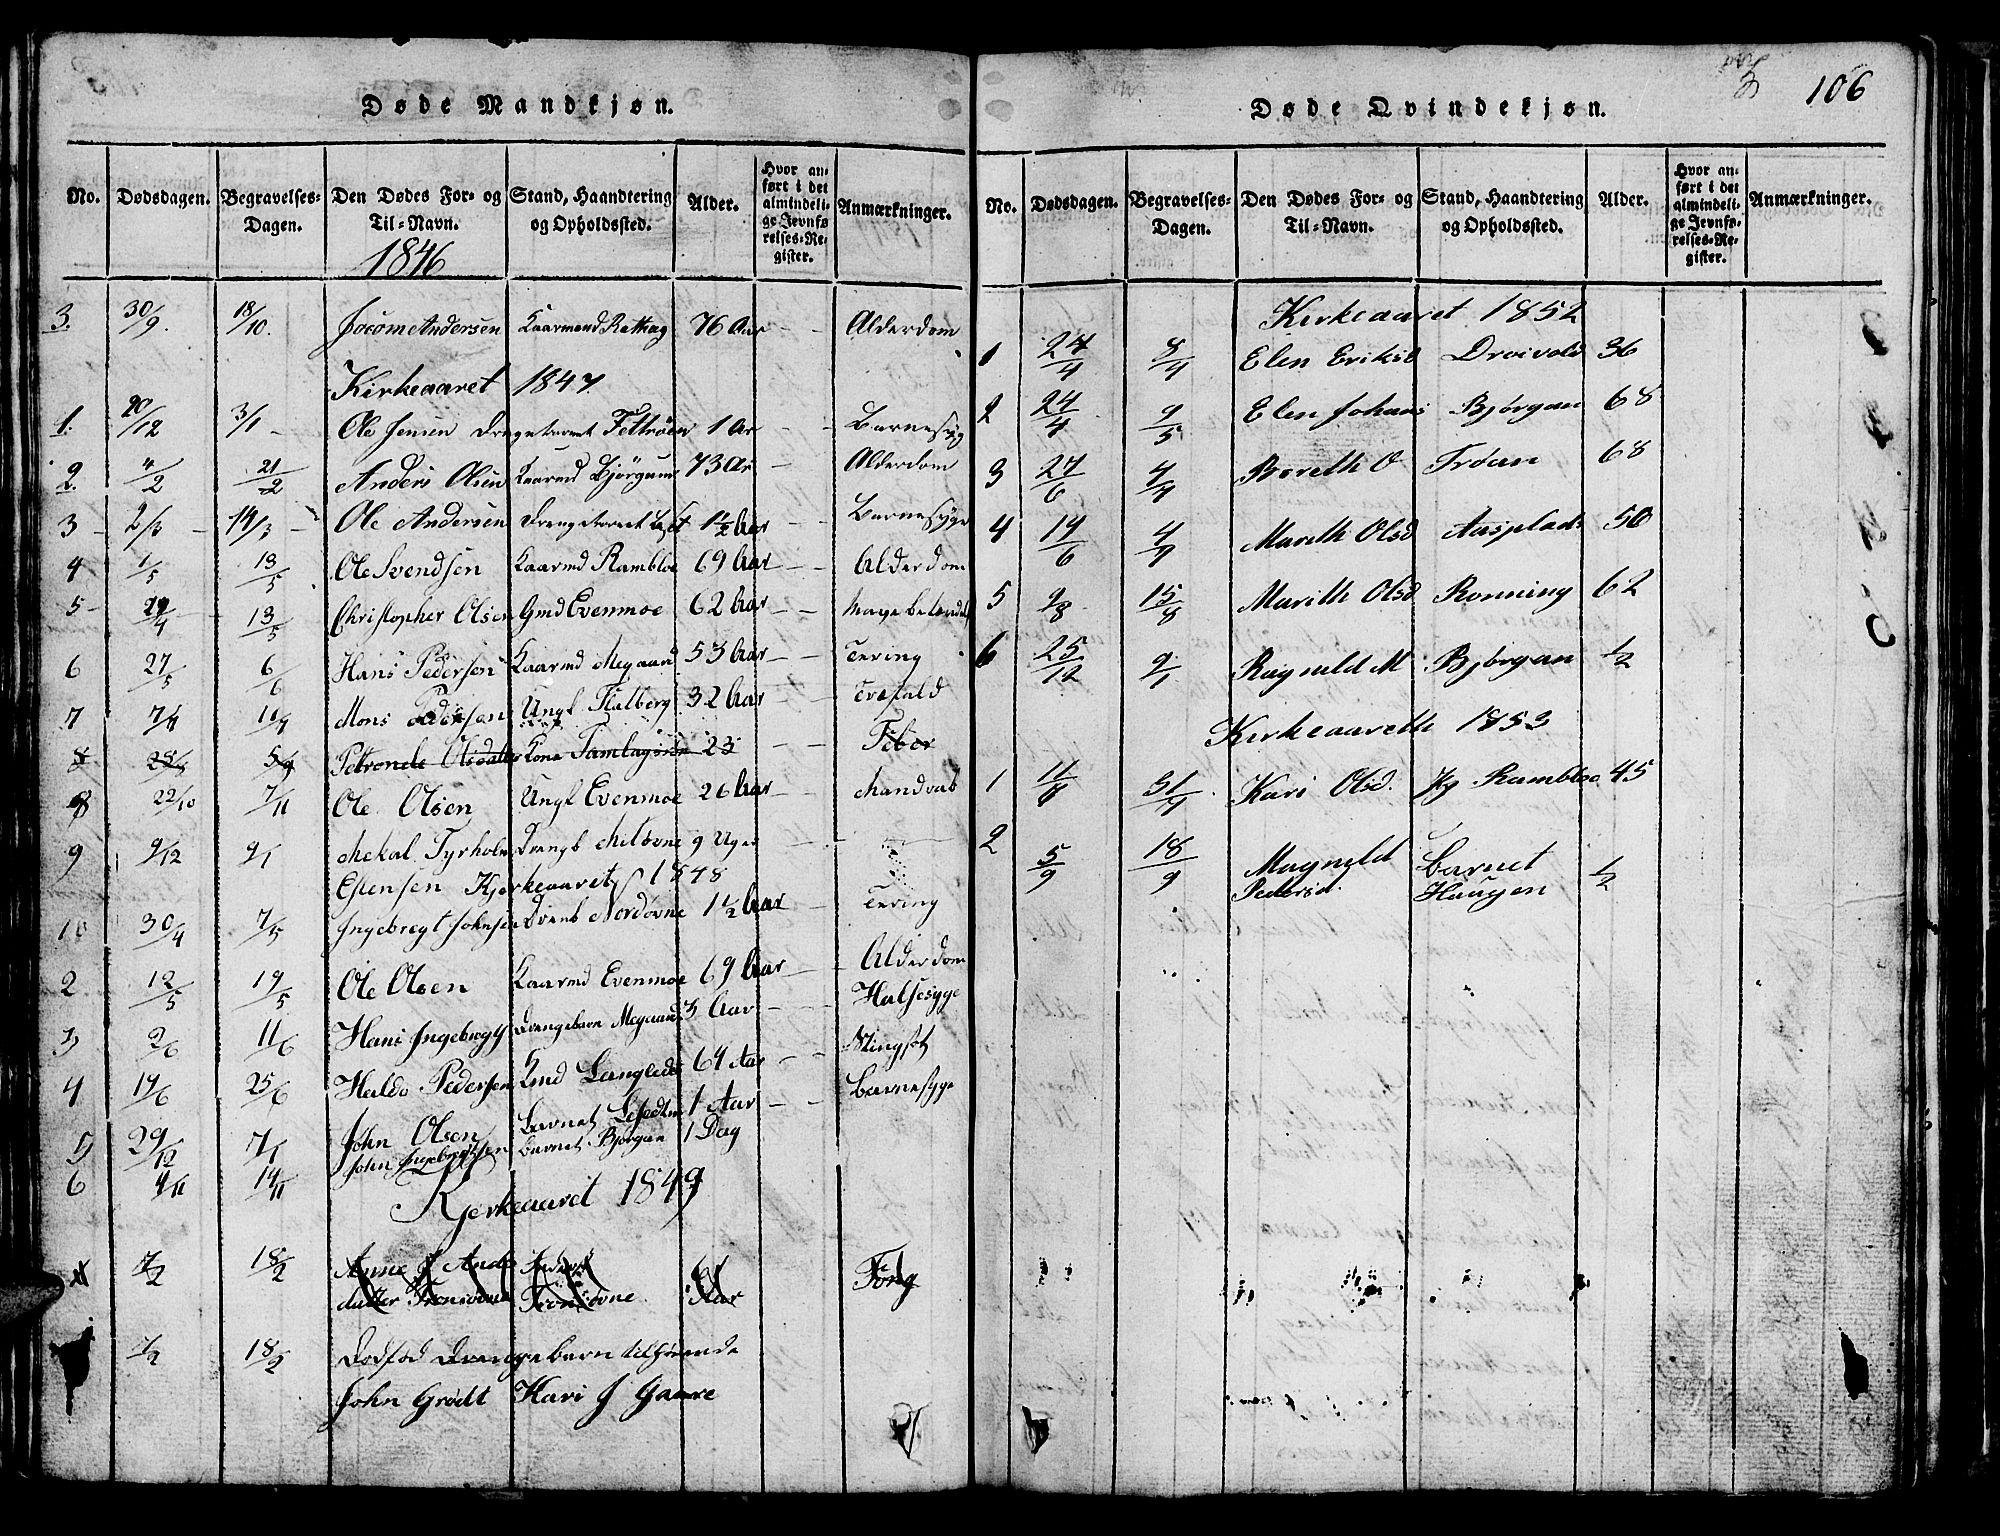 SAT, Ministerialprotokoller, klokkerbøker og fødselsregistre - Sør-Trøndelag, 685/L0976: Klokkerbok nr. 685C01, 1817-1878, s. 106